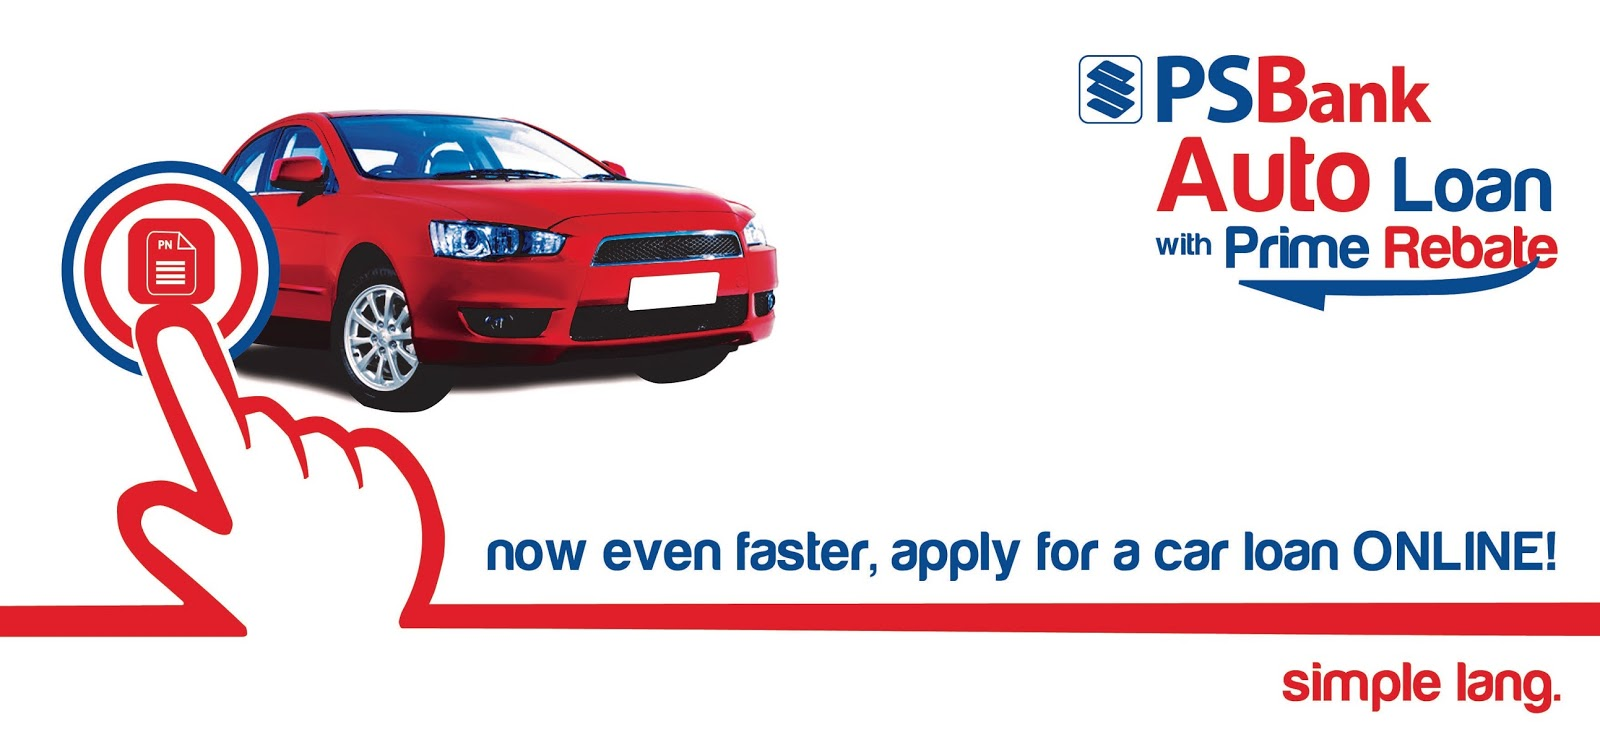 PSBank Auto Loan online